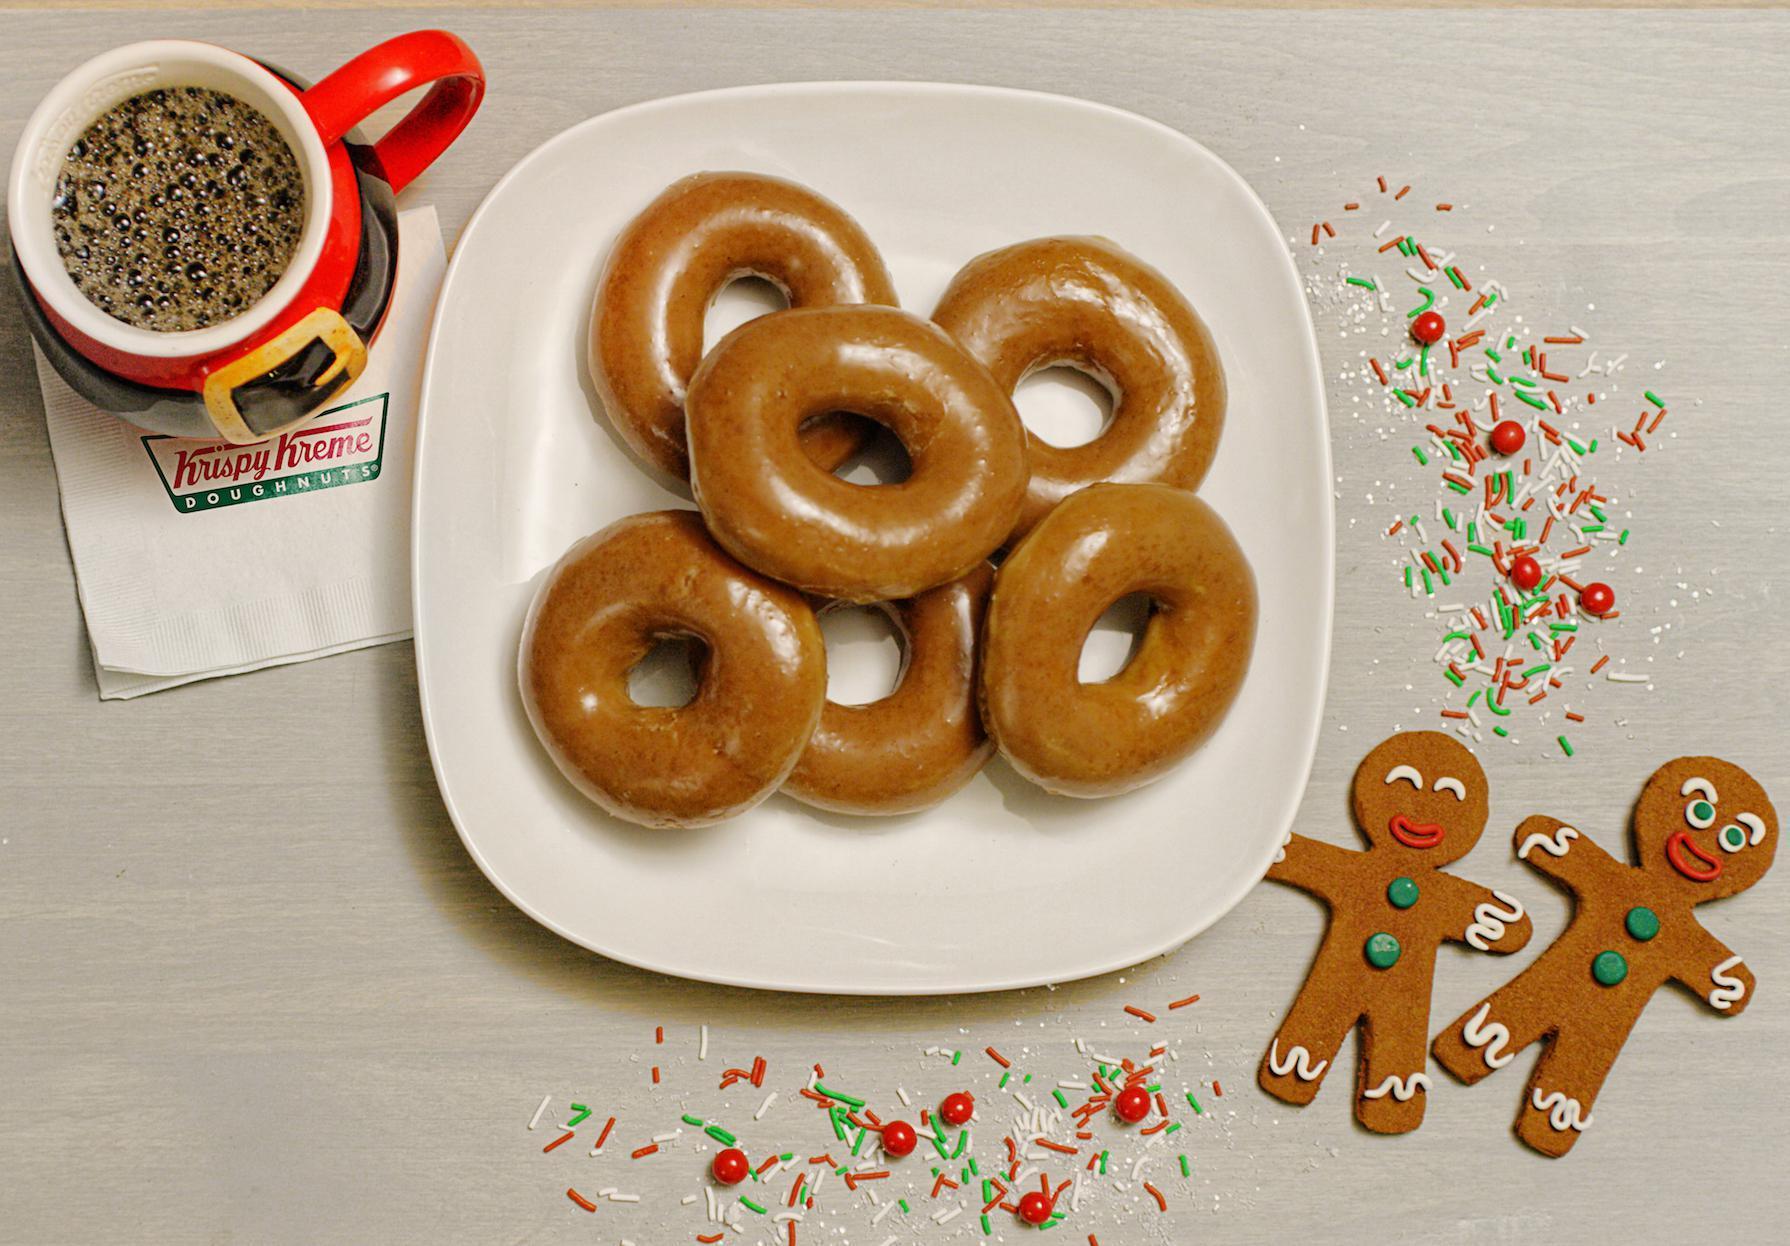 Krispy_Kreme_Gingerbread_Glazed_Doughnut.jpg